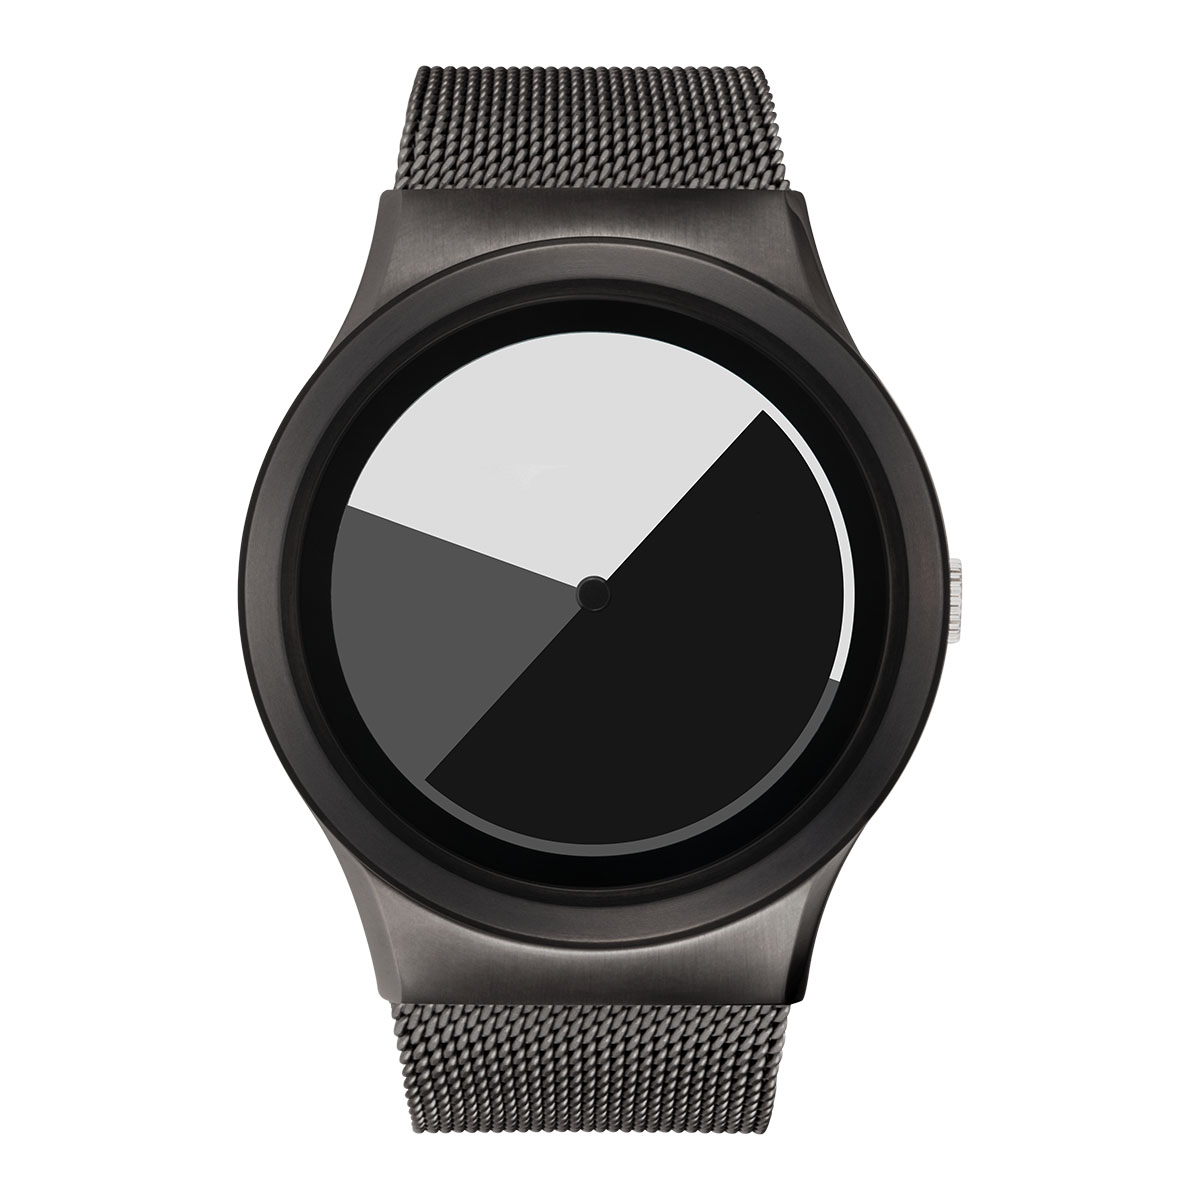 ZEROO COLORED TIME ゼロ 電池式クォーツ 腕時計 [W01003B02SM02] グレイ デザインウォッチ ペア用 メンズ レディース ユニセックス おしゃれ時計 デザイナーズ